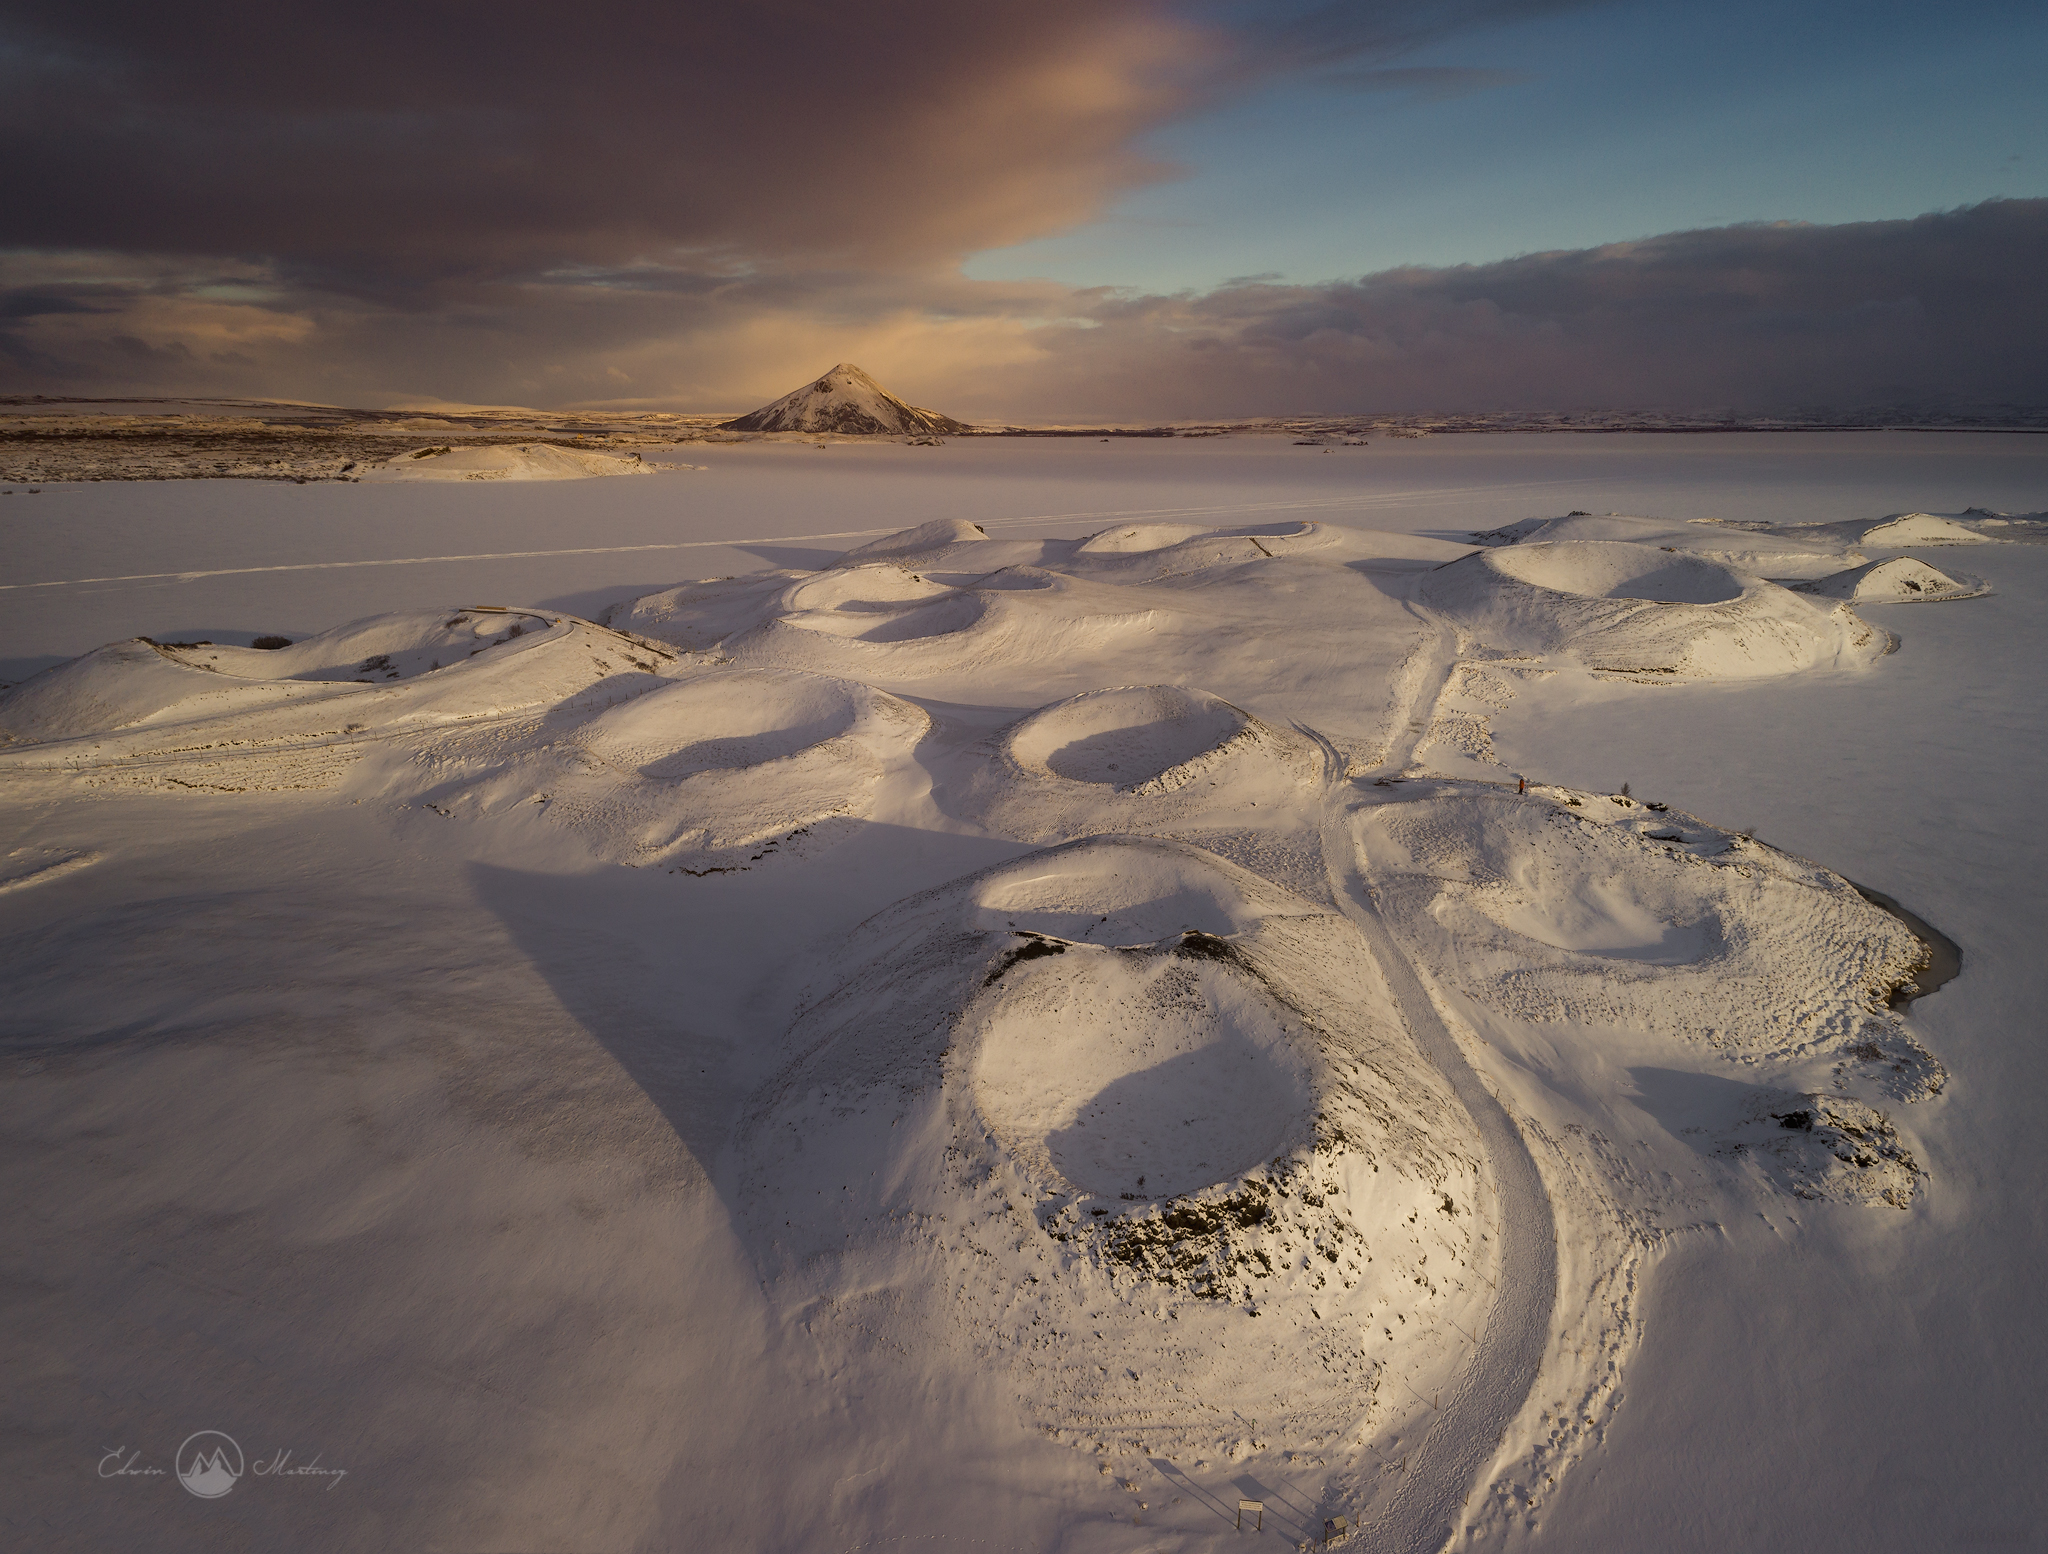 La Cascada de Goðafoss toma la apariencia de un monstruo congelado en el invierno.